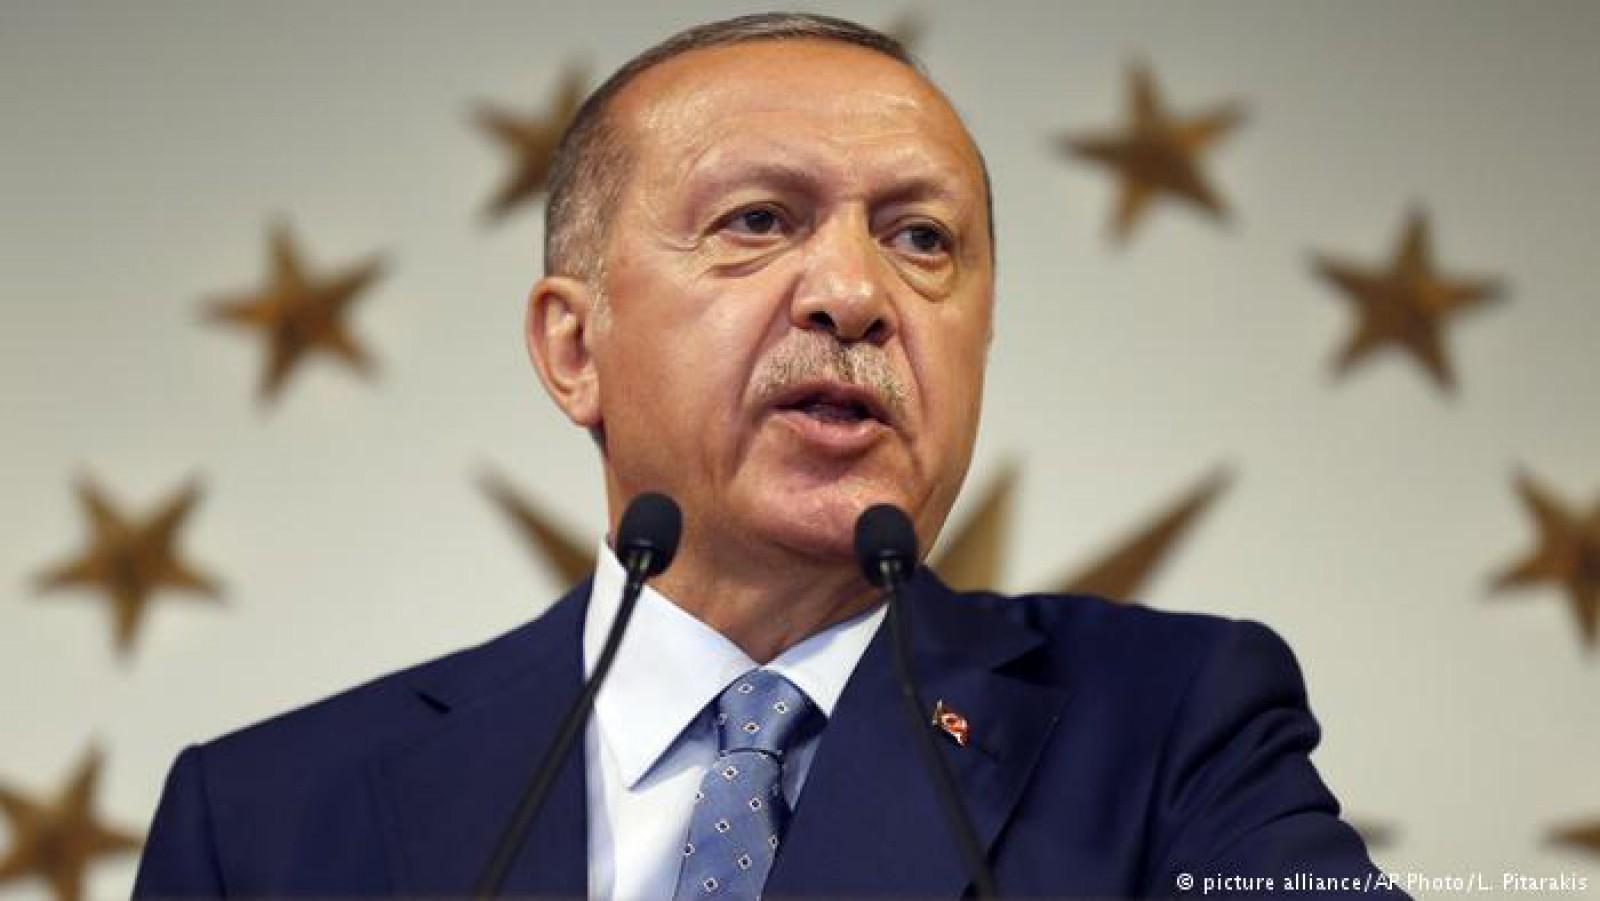 Recep Erdogan l-a numit pe ginerele său în funcția de ministru al Finanțelor